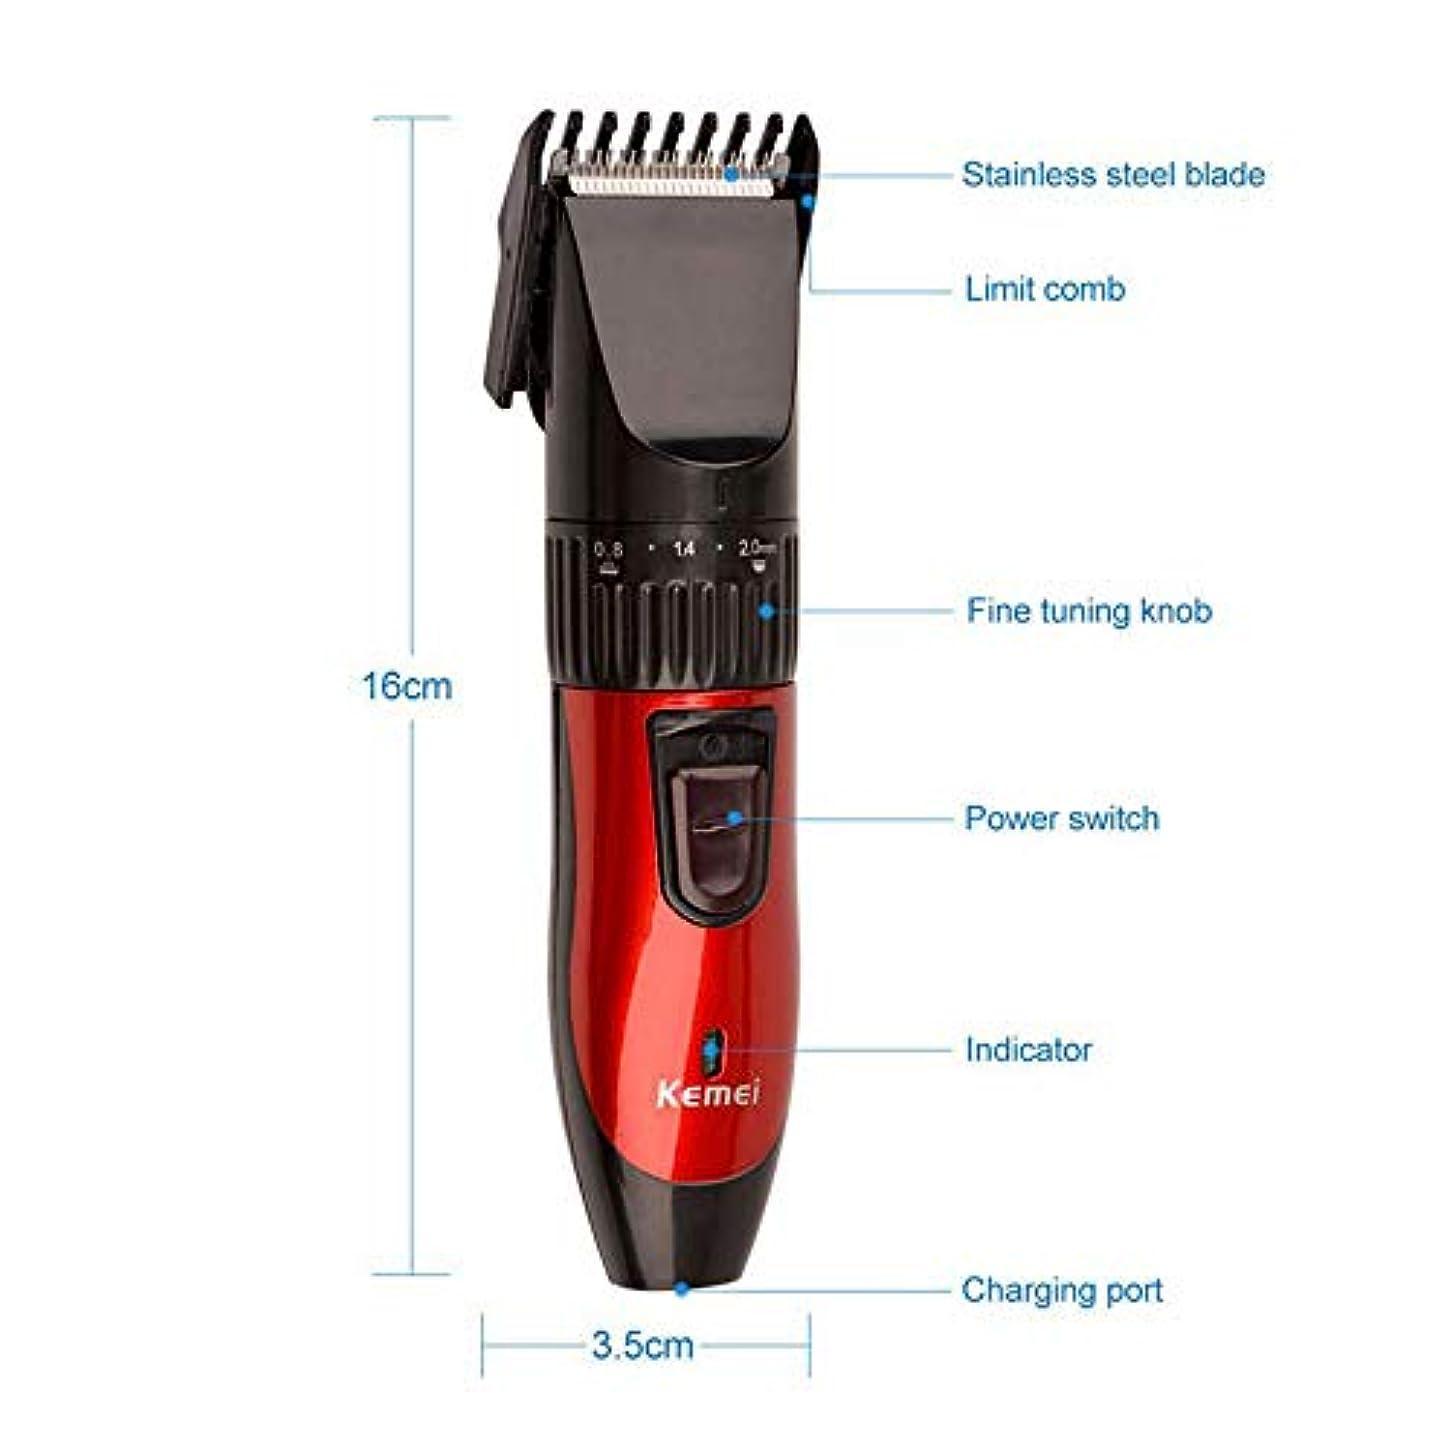 相続人パンフレット銀行男性の電子はさみアジャスタブルバリカントリマーキット理容美容のための機械散髪をカットプロのヘア